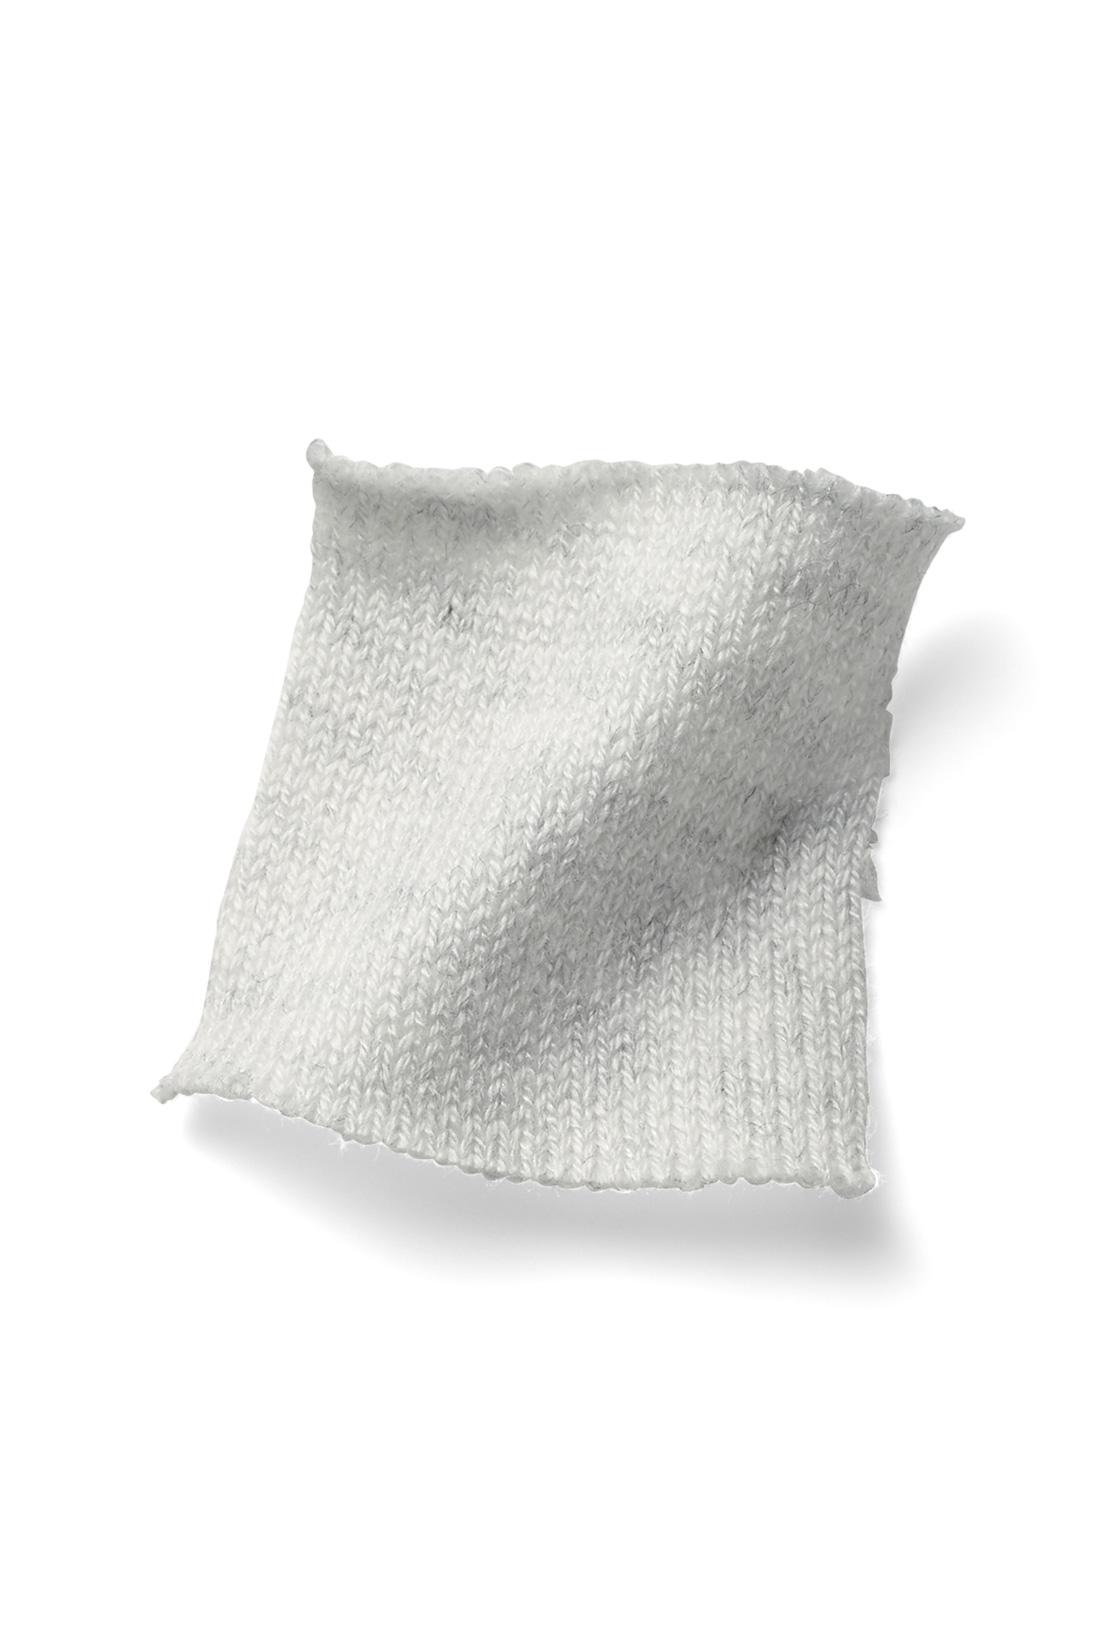 もっちり&美しい、プレーティング編み 細い二本の糸を同時に引き入れながら編む「プレーティング」という編み地で、繊細な表面感がありつつ、もっちりとしたふくらみのある生地に仕上げました。